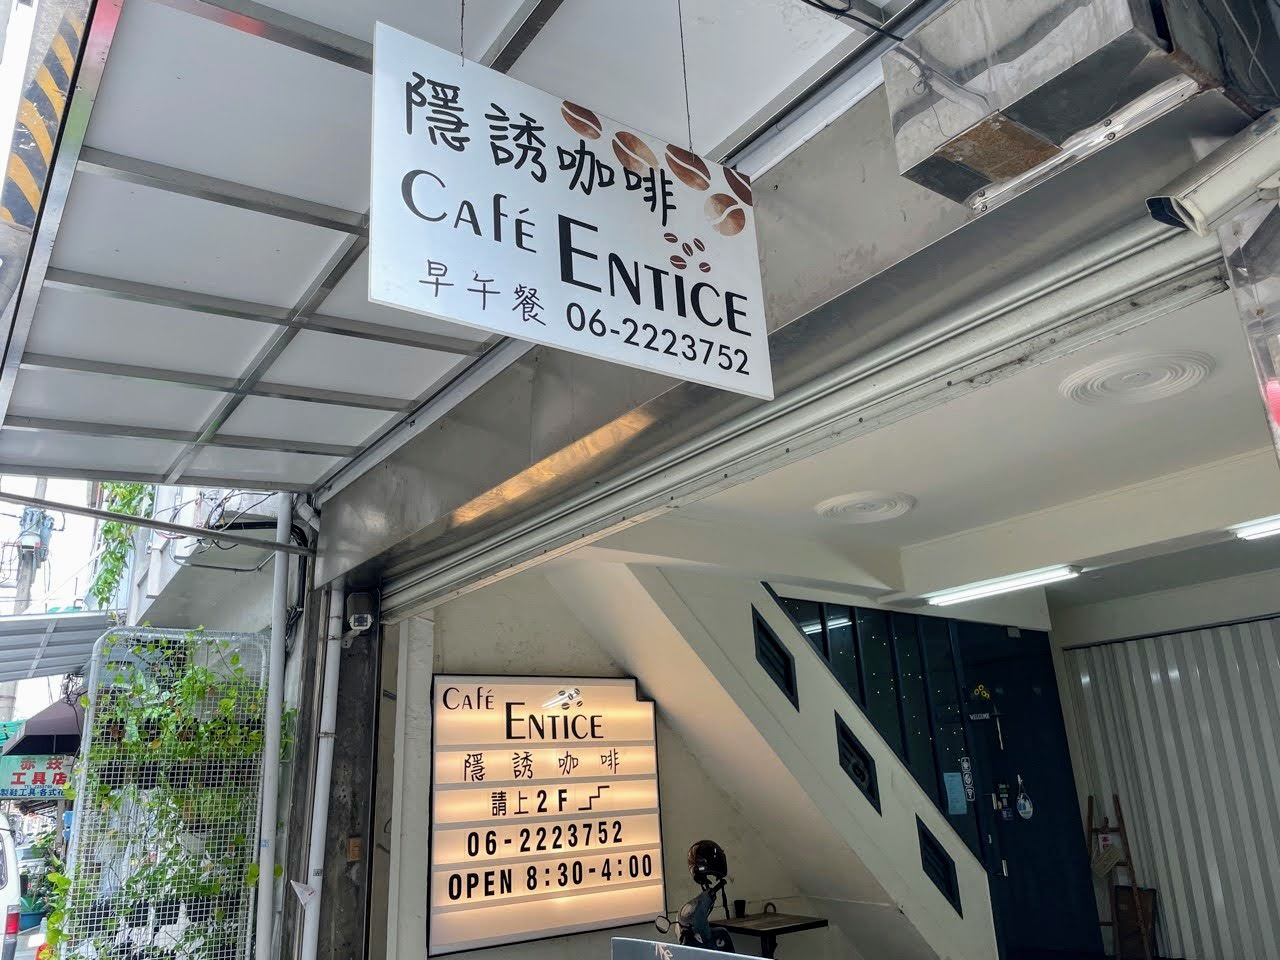 隱誘咖啡 Cafe